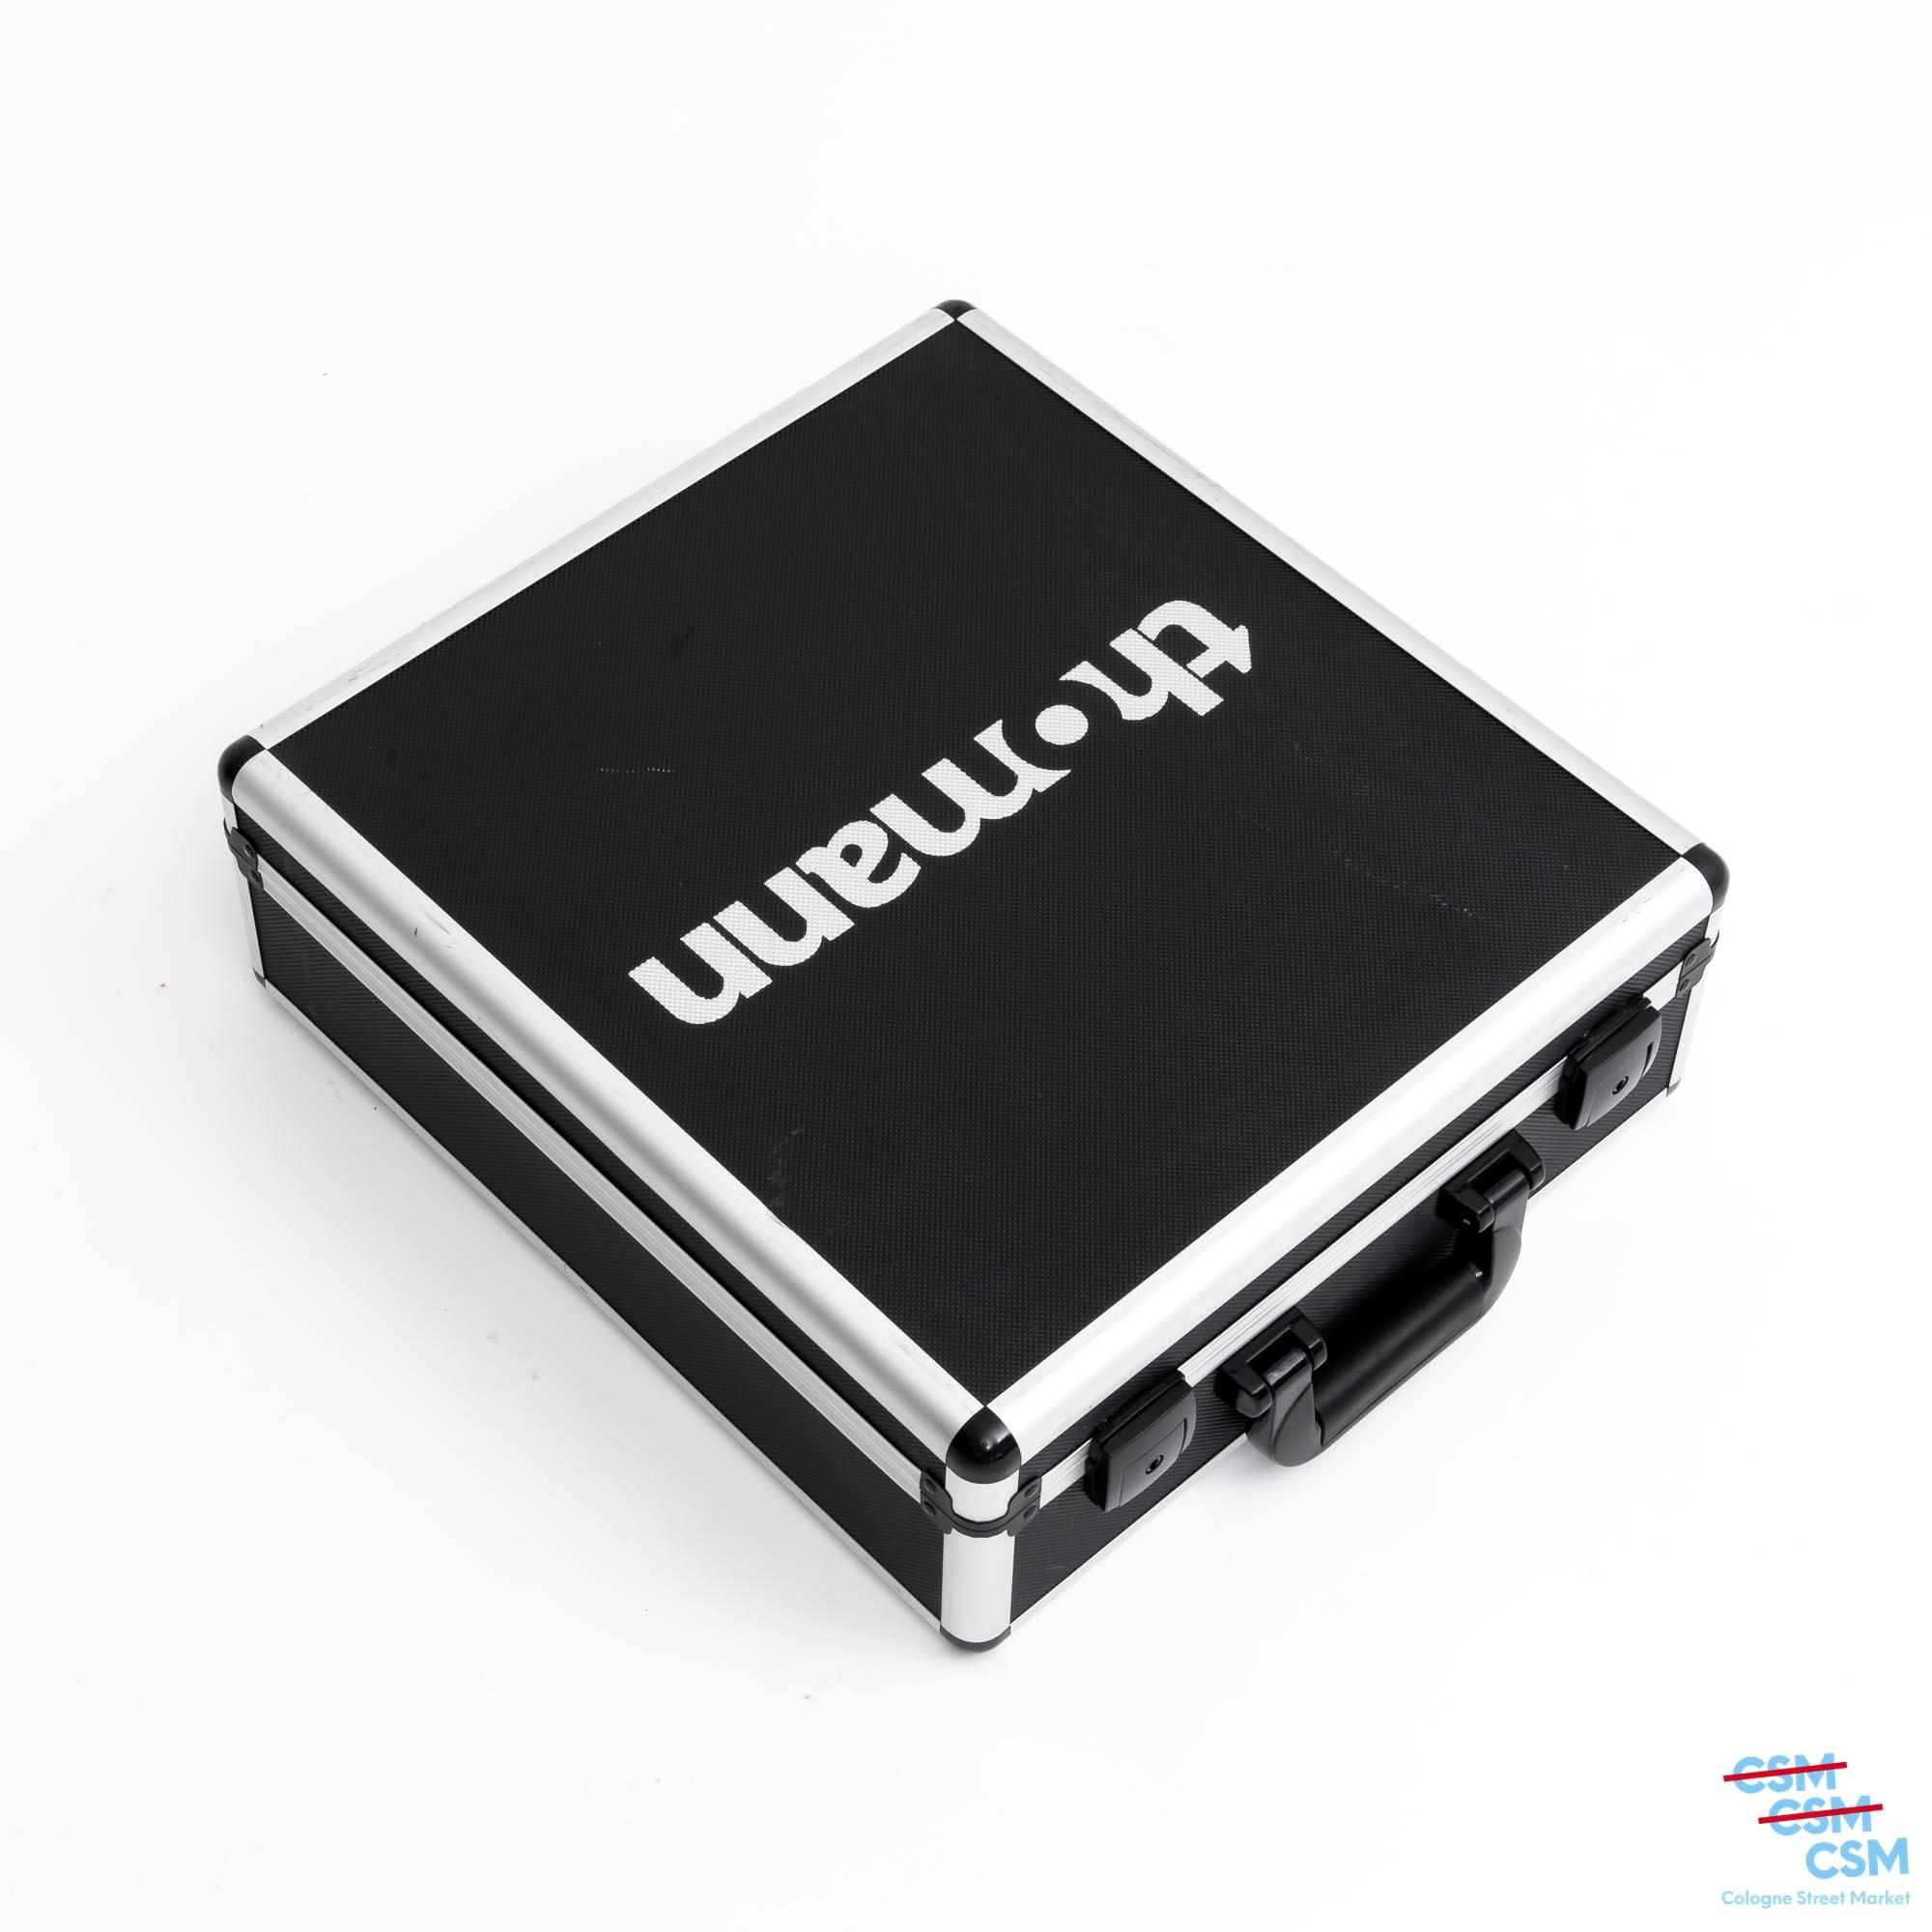 Thomann-Flightcase-DJM-900-Nexus-gebraucht-2